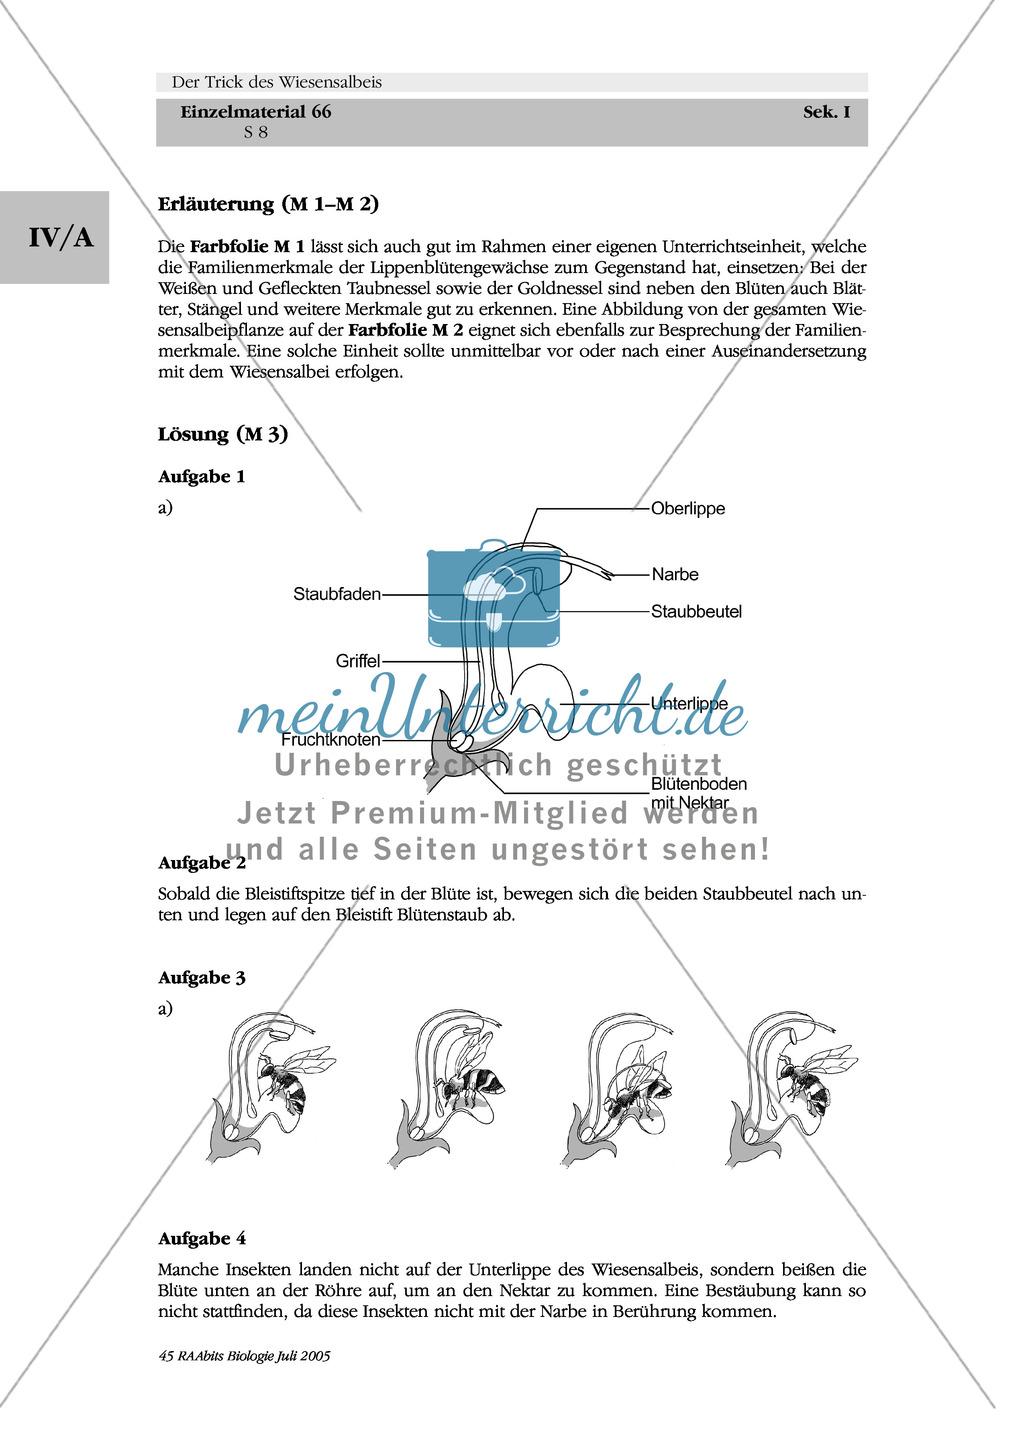 Wiesensalbei - ein Vertreter der Lippenblütler: Morphologie des Wiesensalbeis + Ablauf des Pollenschlagwerks Preview 2